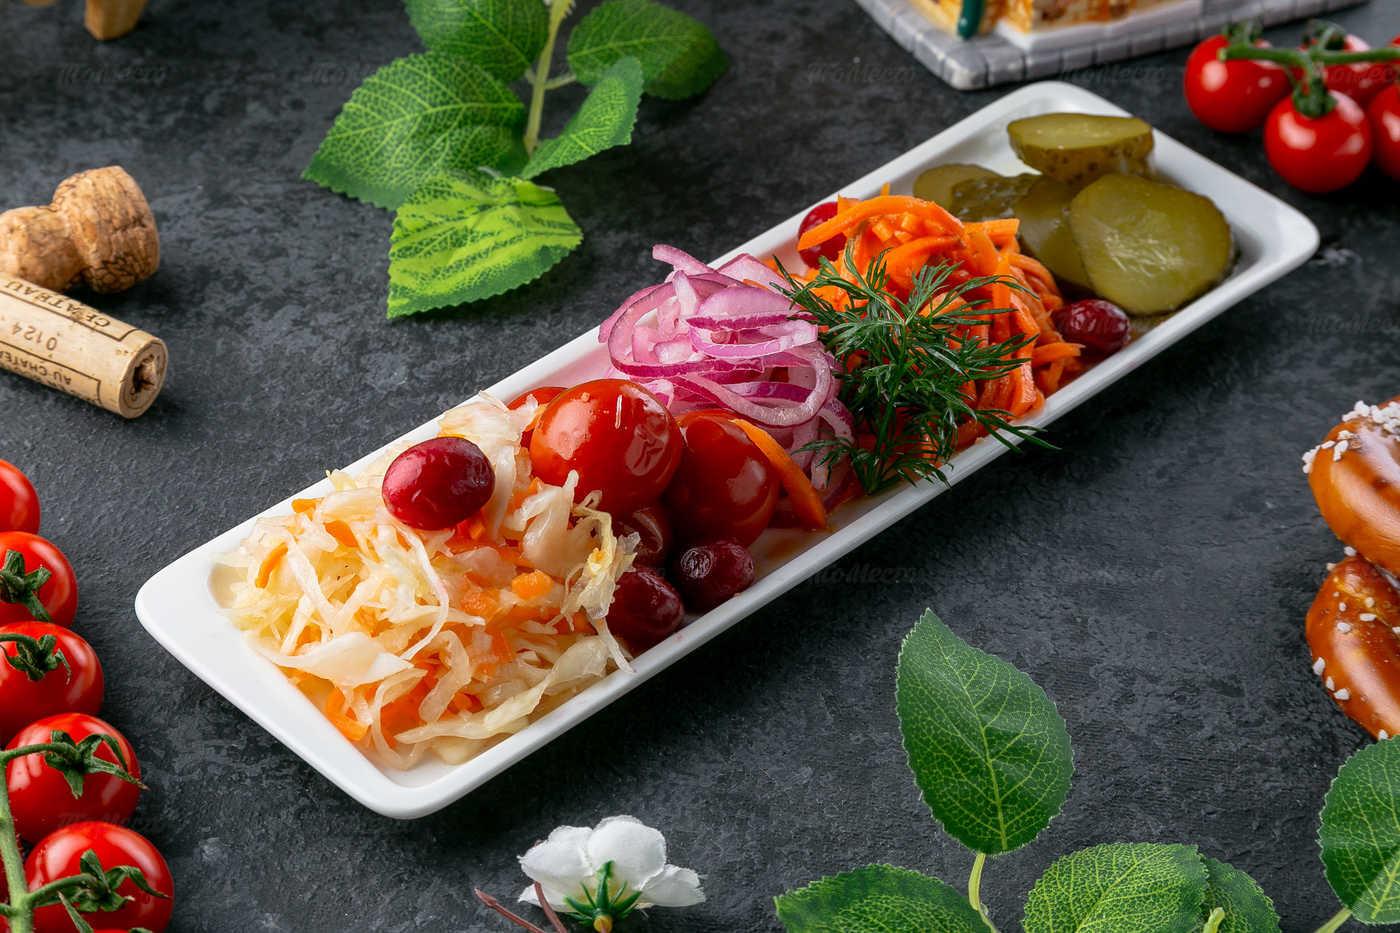 Меню ресторана Швабский Домик на Новочеркасском проспекте фото 101